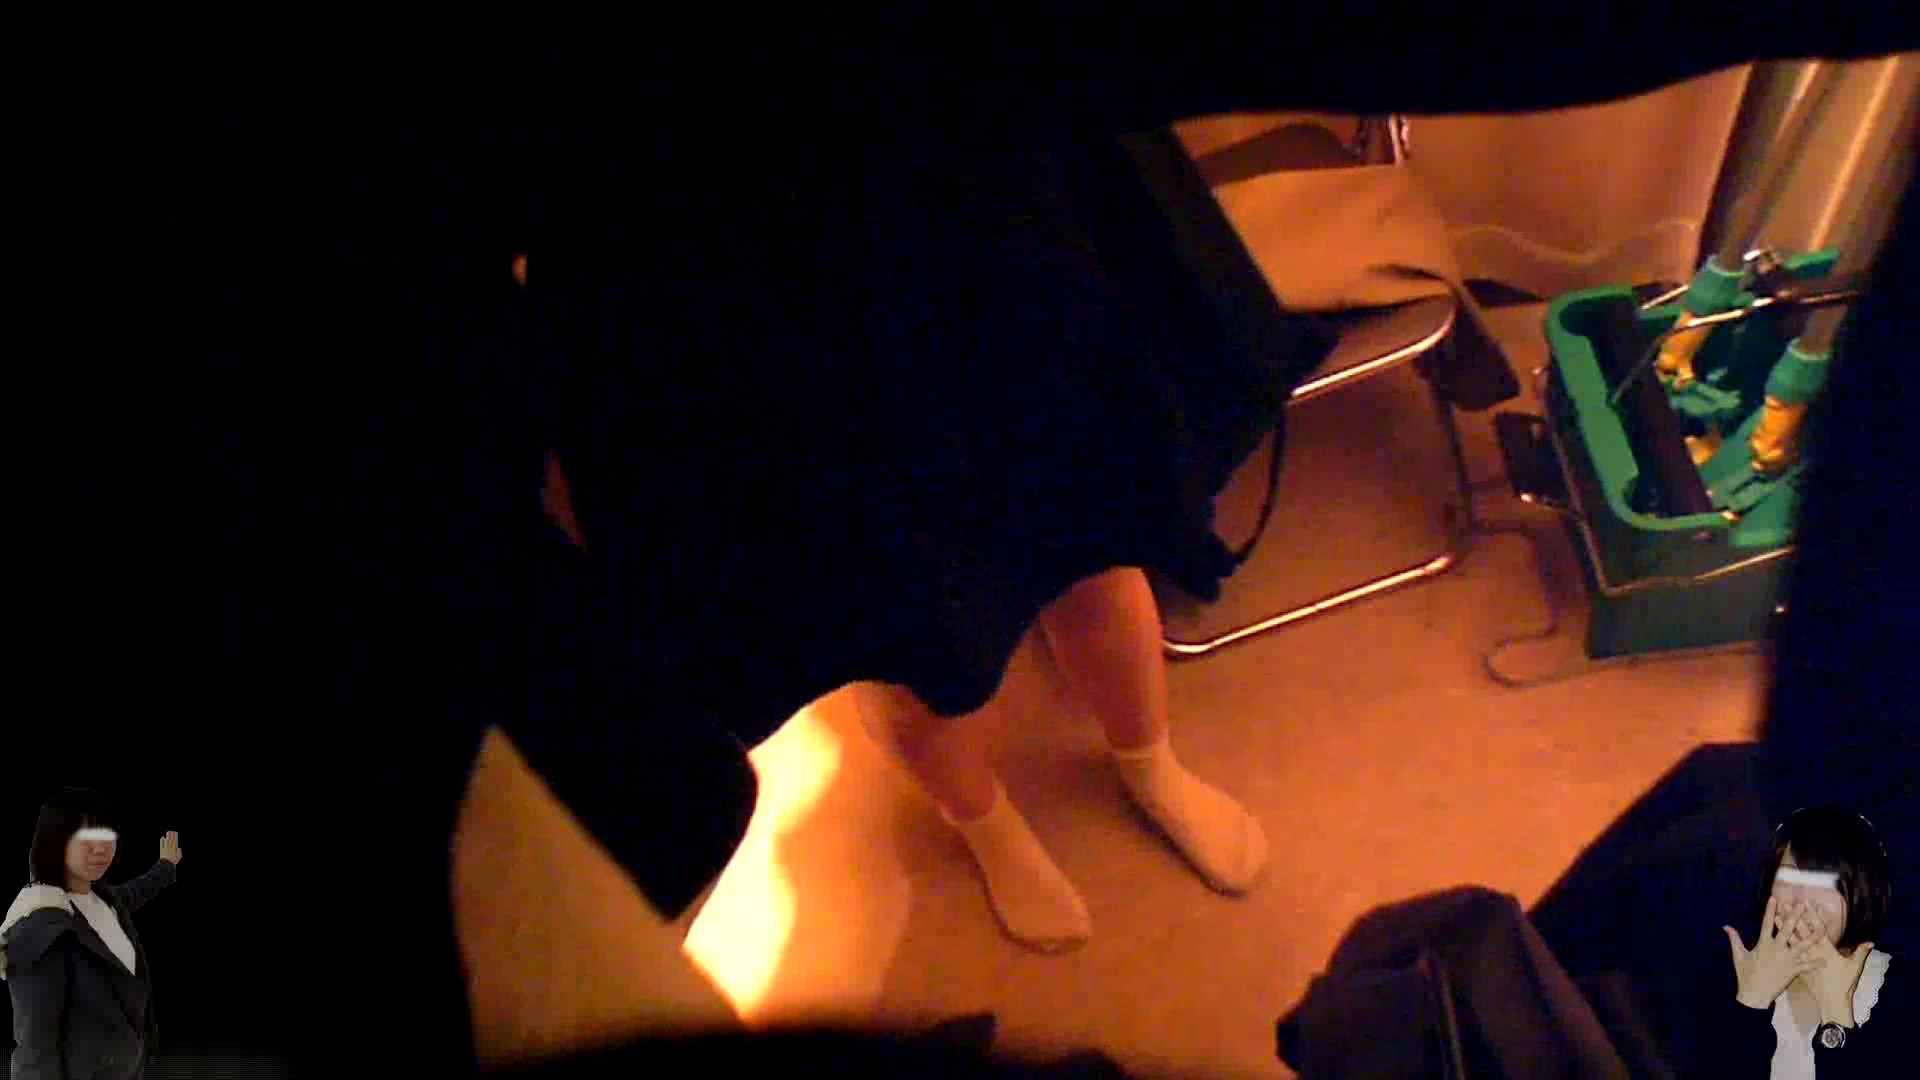 素人投稿 現役「JD」Eちゃんの着替え Vol.04 女子着替え | 投稿  65pic 51